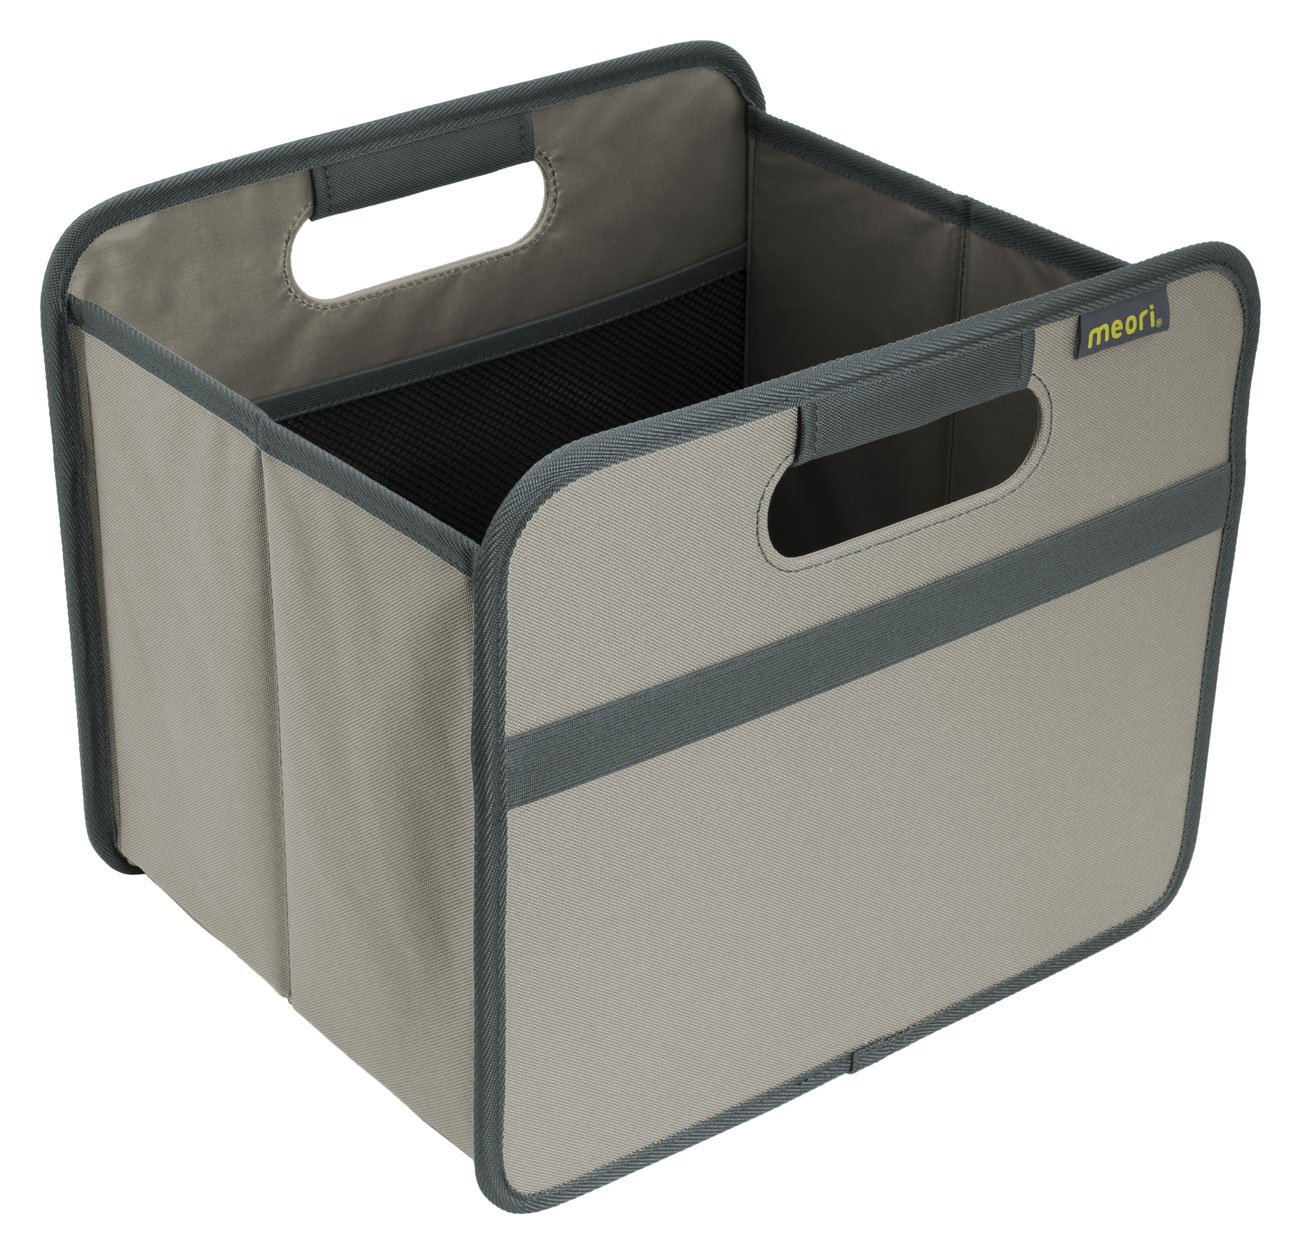 Faltbare-Klappbox-mit-Griffen-und-einem-Fach-mit-zwei-elastischen-Netztaschen-Ideal-zum-Aufrumen-Verstauen-Transportieren